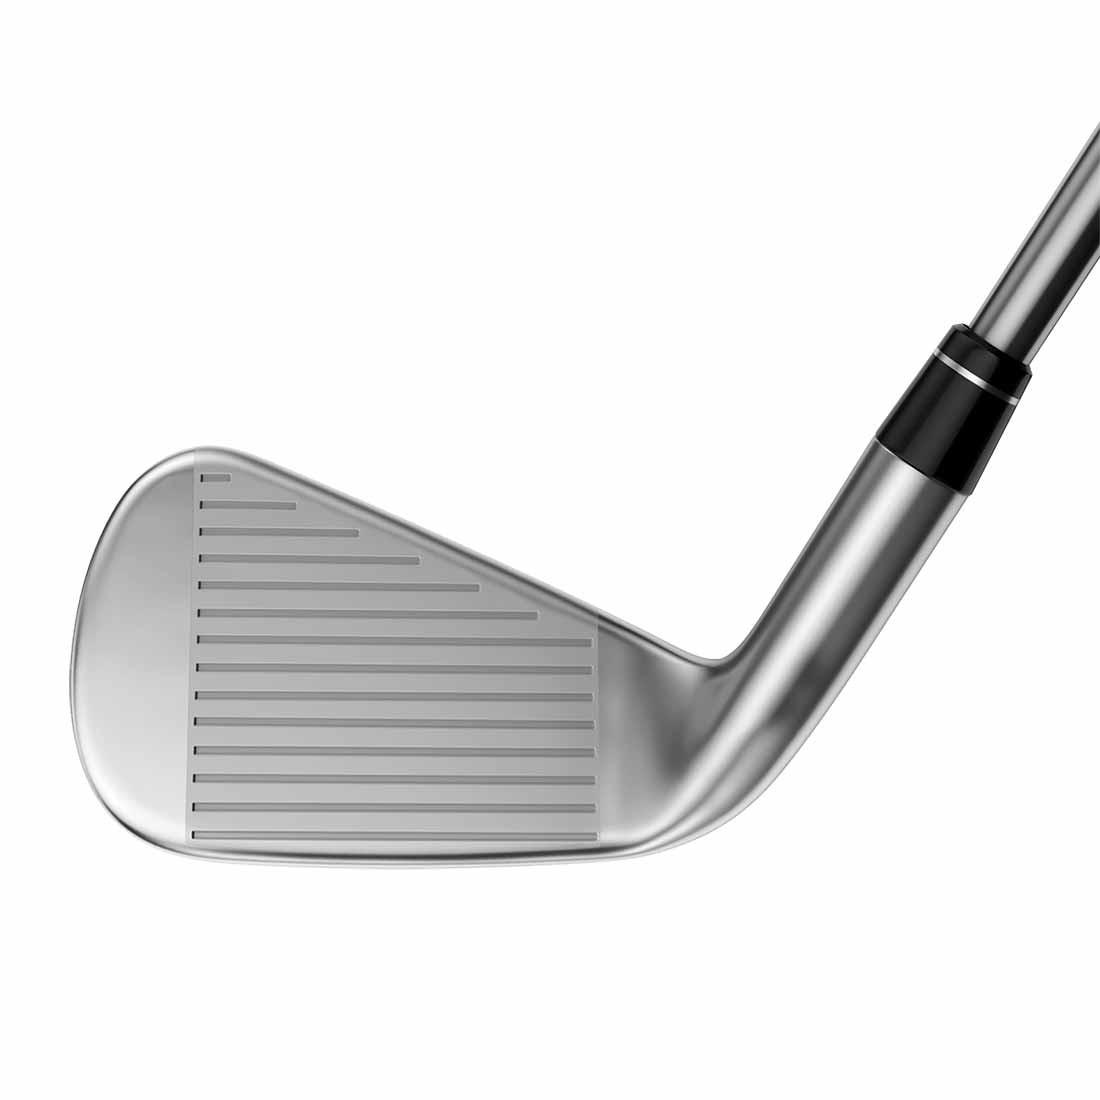 Gậy golf Callaway Apex 19 Iron Graphite chính hãng